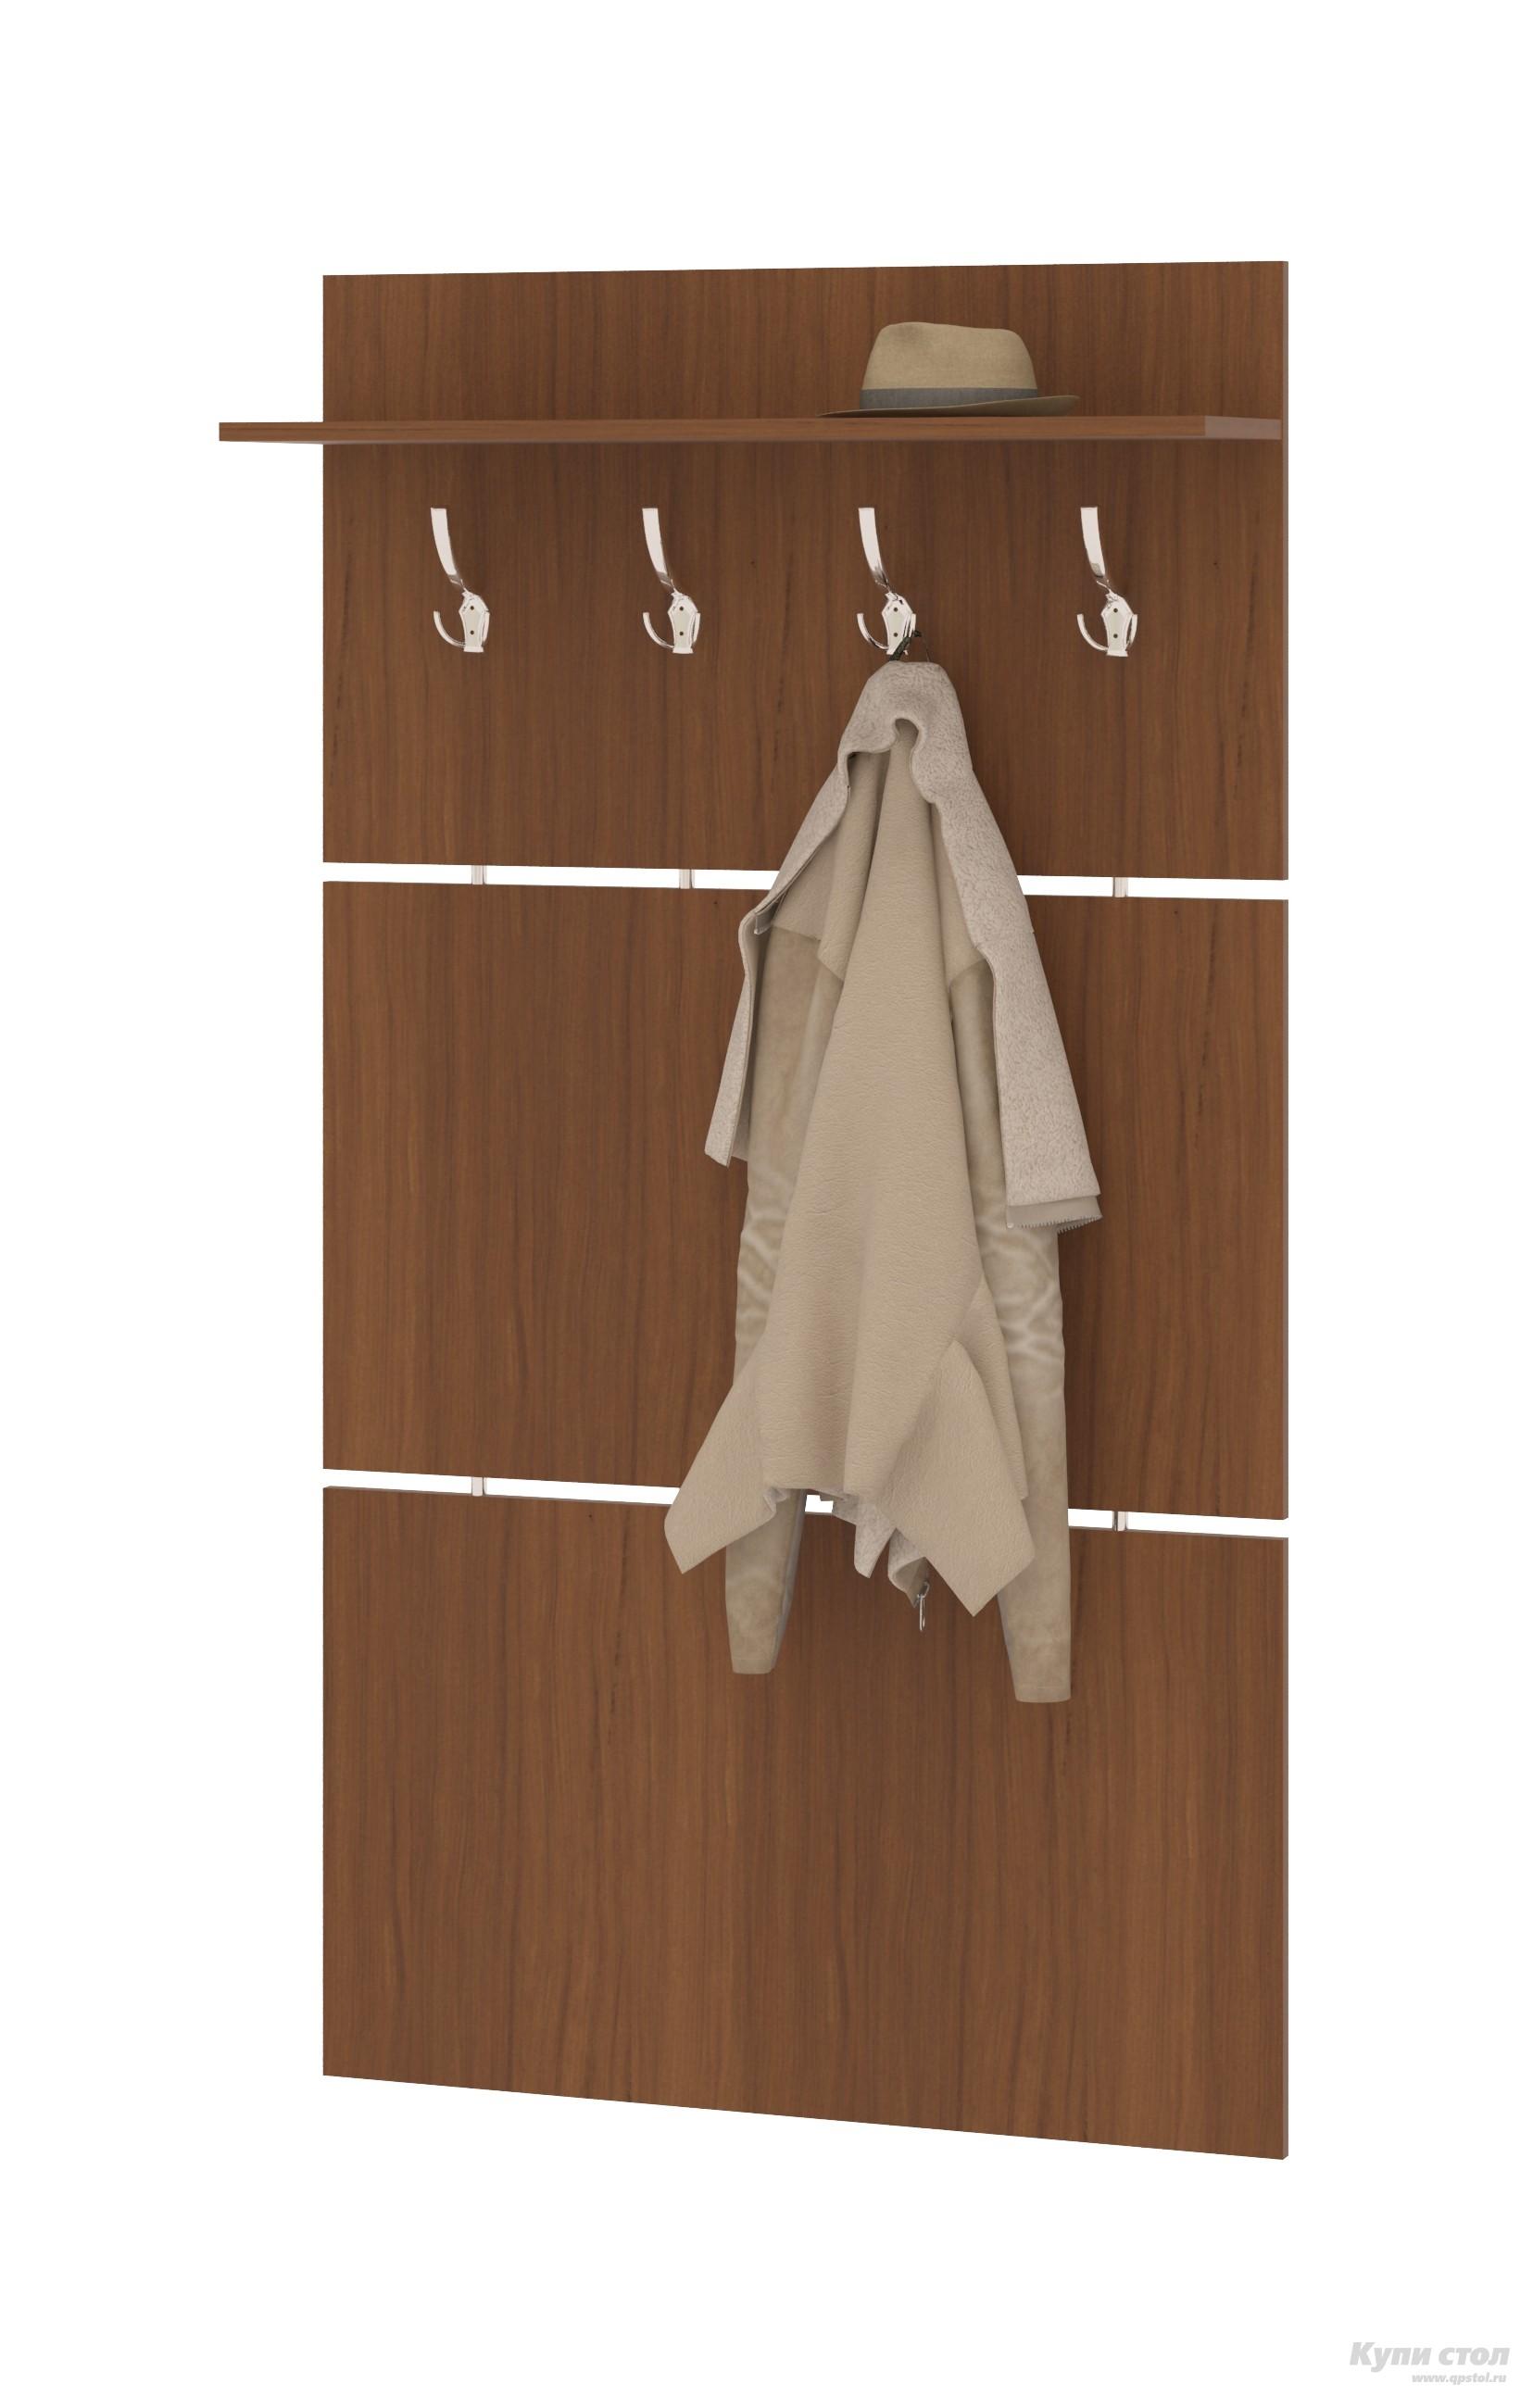 Настенная вешалка Сокол ВШ-3.1 Ноче-эккоНастенные вешалки<br>Габаритные размеры ВхШхГ 1460x900x212 мм. Широкая навесная вешалка, выполненная в строгом стиле, позволит разместить сезонную одежду всей семьи.  Вешалка состоит из 3-х панелей соединенных металлическими  вставками.  На верхней панели располагается четыре 3-хрожковых крючка для одежды. Полка, закрепленная над крючками, предназначена специально для головных уборов и зонтов.  Максимальная нагрузка на полку составляет 5кг. Вешалка изготовлена из высококачественной ДСП 16 мм, края отделаны кромкой ПВХ 0. 4 мм.  Рекомендуем сохранить инструкцию по сборке (паспорт изделия) до истечения гарантийного срока.<br><br>Цвет: Ноче-экко<br>Цвет: Коричневое дерево<br>Высота мм: 1460<br>Ширина мм: 900<br>Глубина мм: 212<br>Кол-во упаковок: 1<br>Форма поставки: В разобранном виде<br>Срок гарантии: 2 года